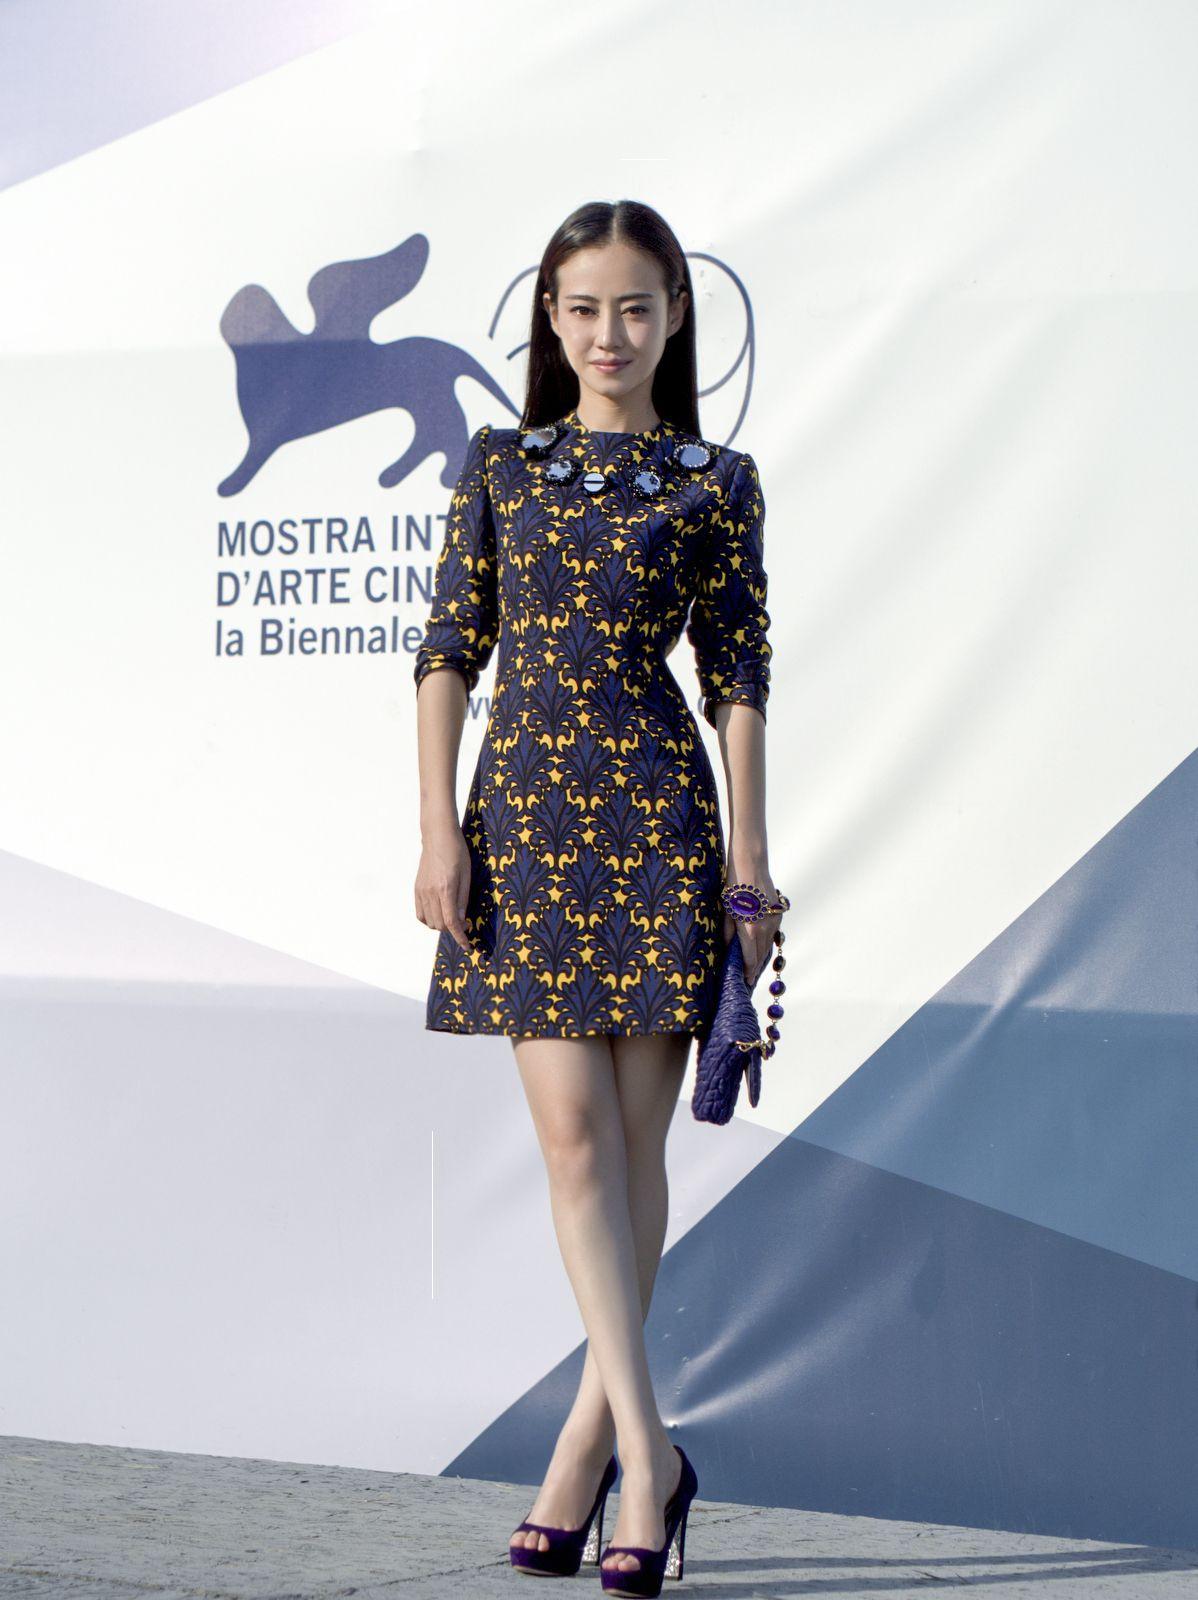 Dằn mặt nhau trong Diên Hi Công Lược, ngoài đời Phú Sát Hoàng Hậu - Cao Quý Phi cũng một 9 một 10 với style đẹp bất chấp tuổi tác - Ảnh 8.